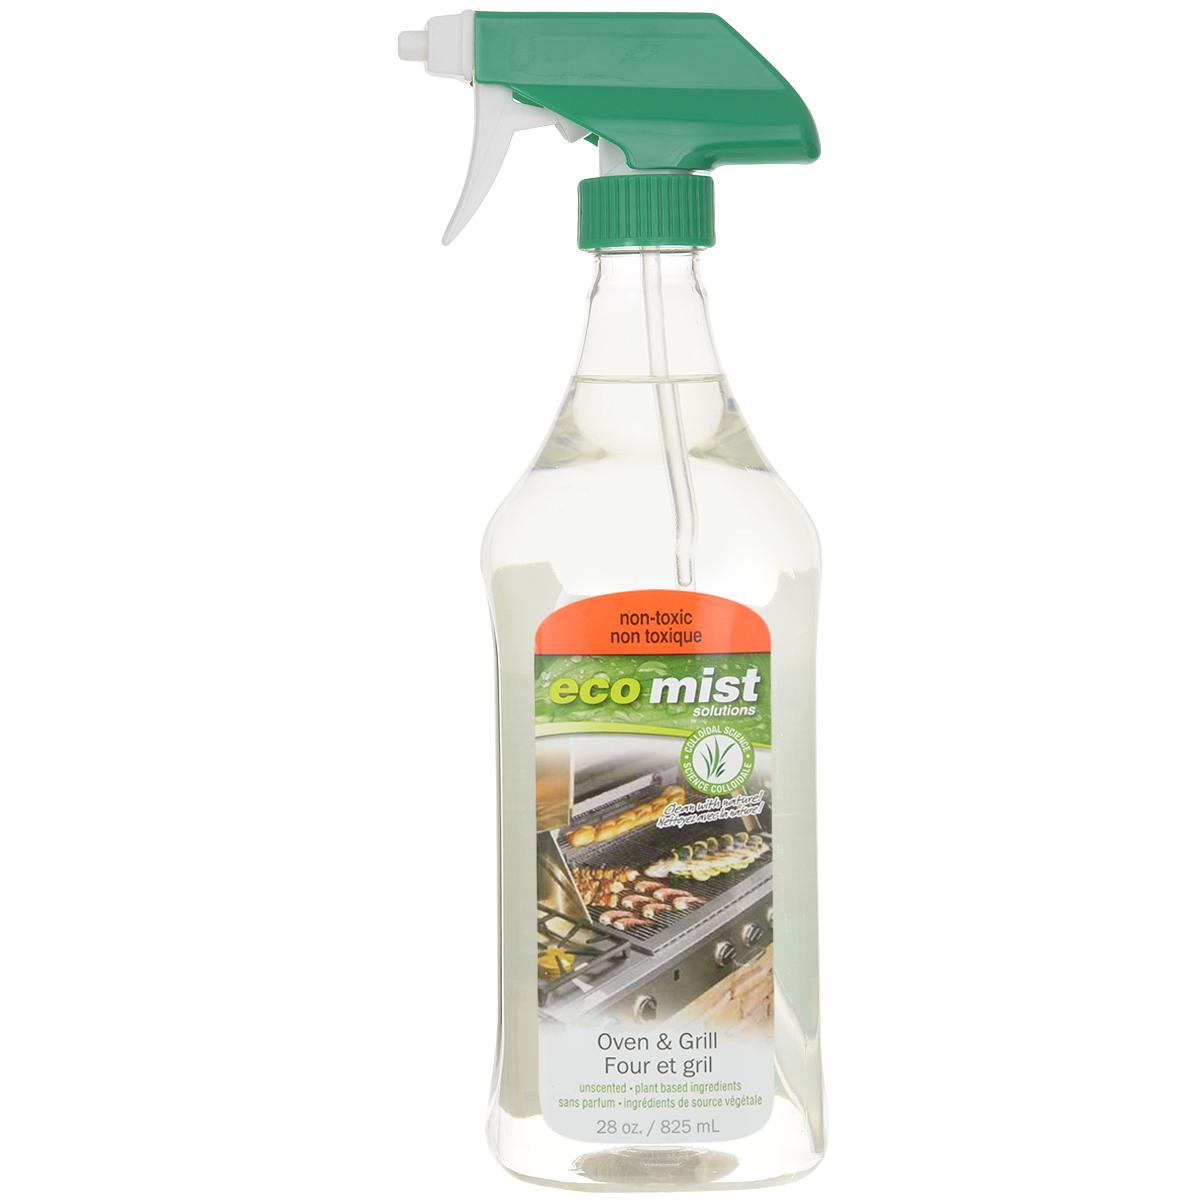 Средство для очистки духовок и гриля Eco Mist, 825 млEM825XXOGTR06EFLСредство Eco Mist нового поколения эффективно справляется с нагаром, жиром и неприятным запахом, который остается после приготовления пищи на гриле или в духовке. Без запаха. Не токсично. Безвредно. Состав: дехлорированная вода, зерновые, кукуруза, кокос, древесный сок.